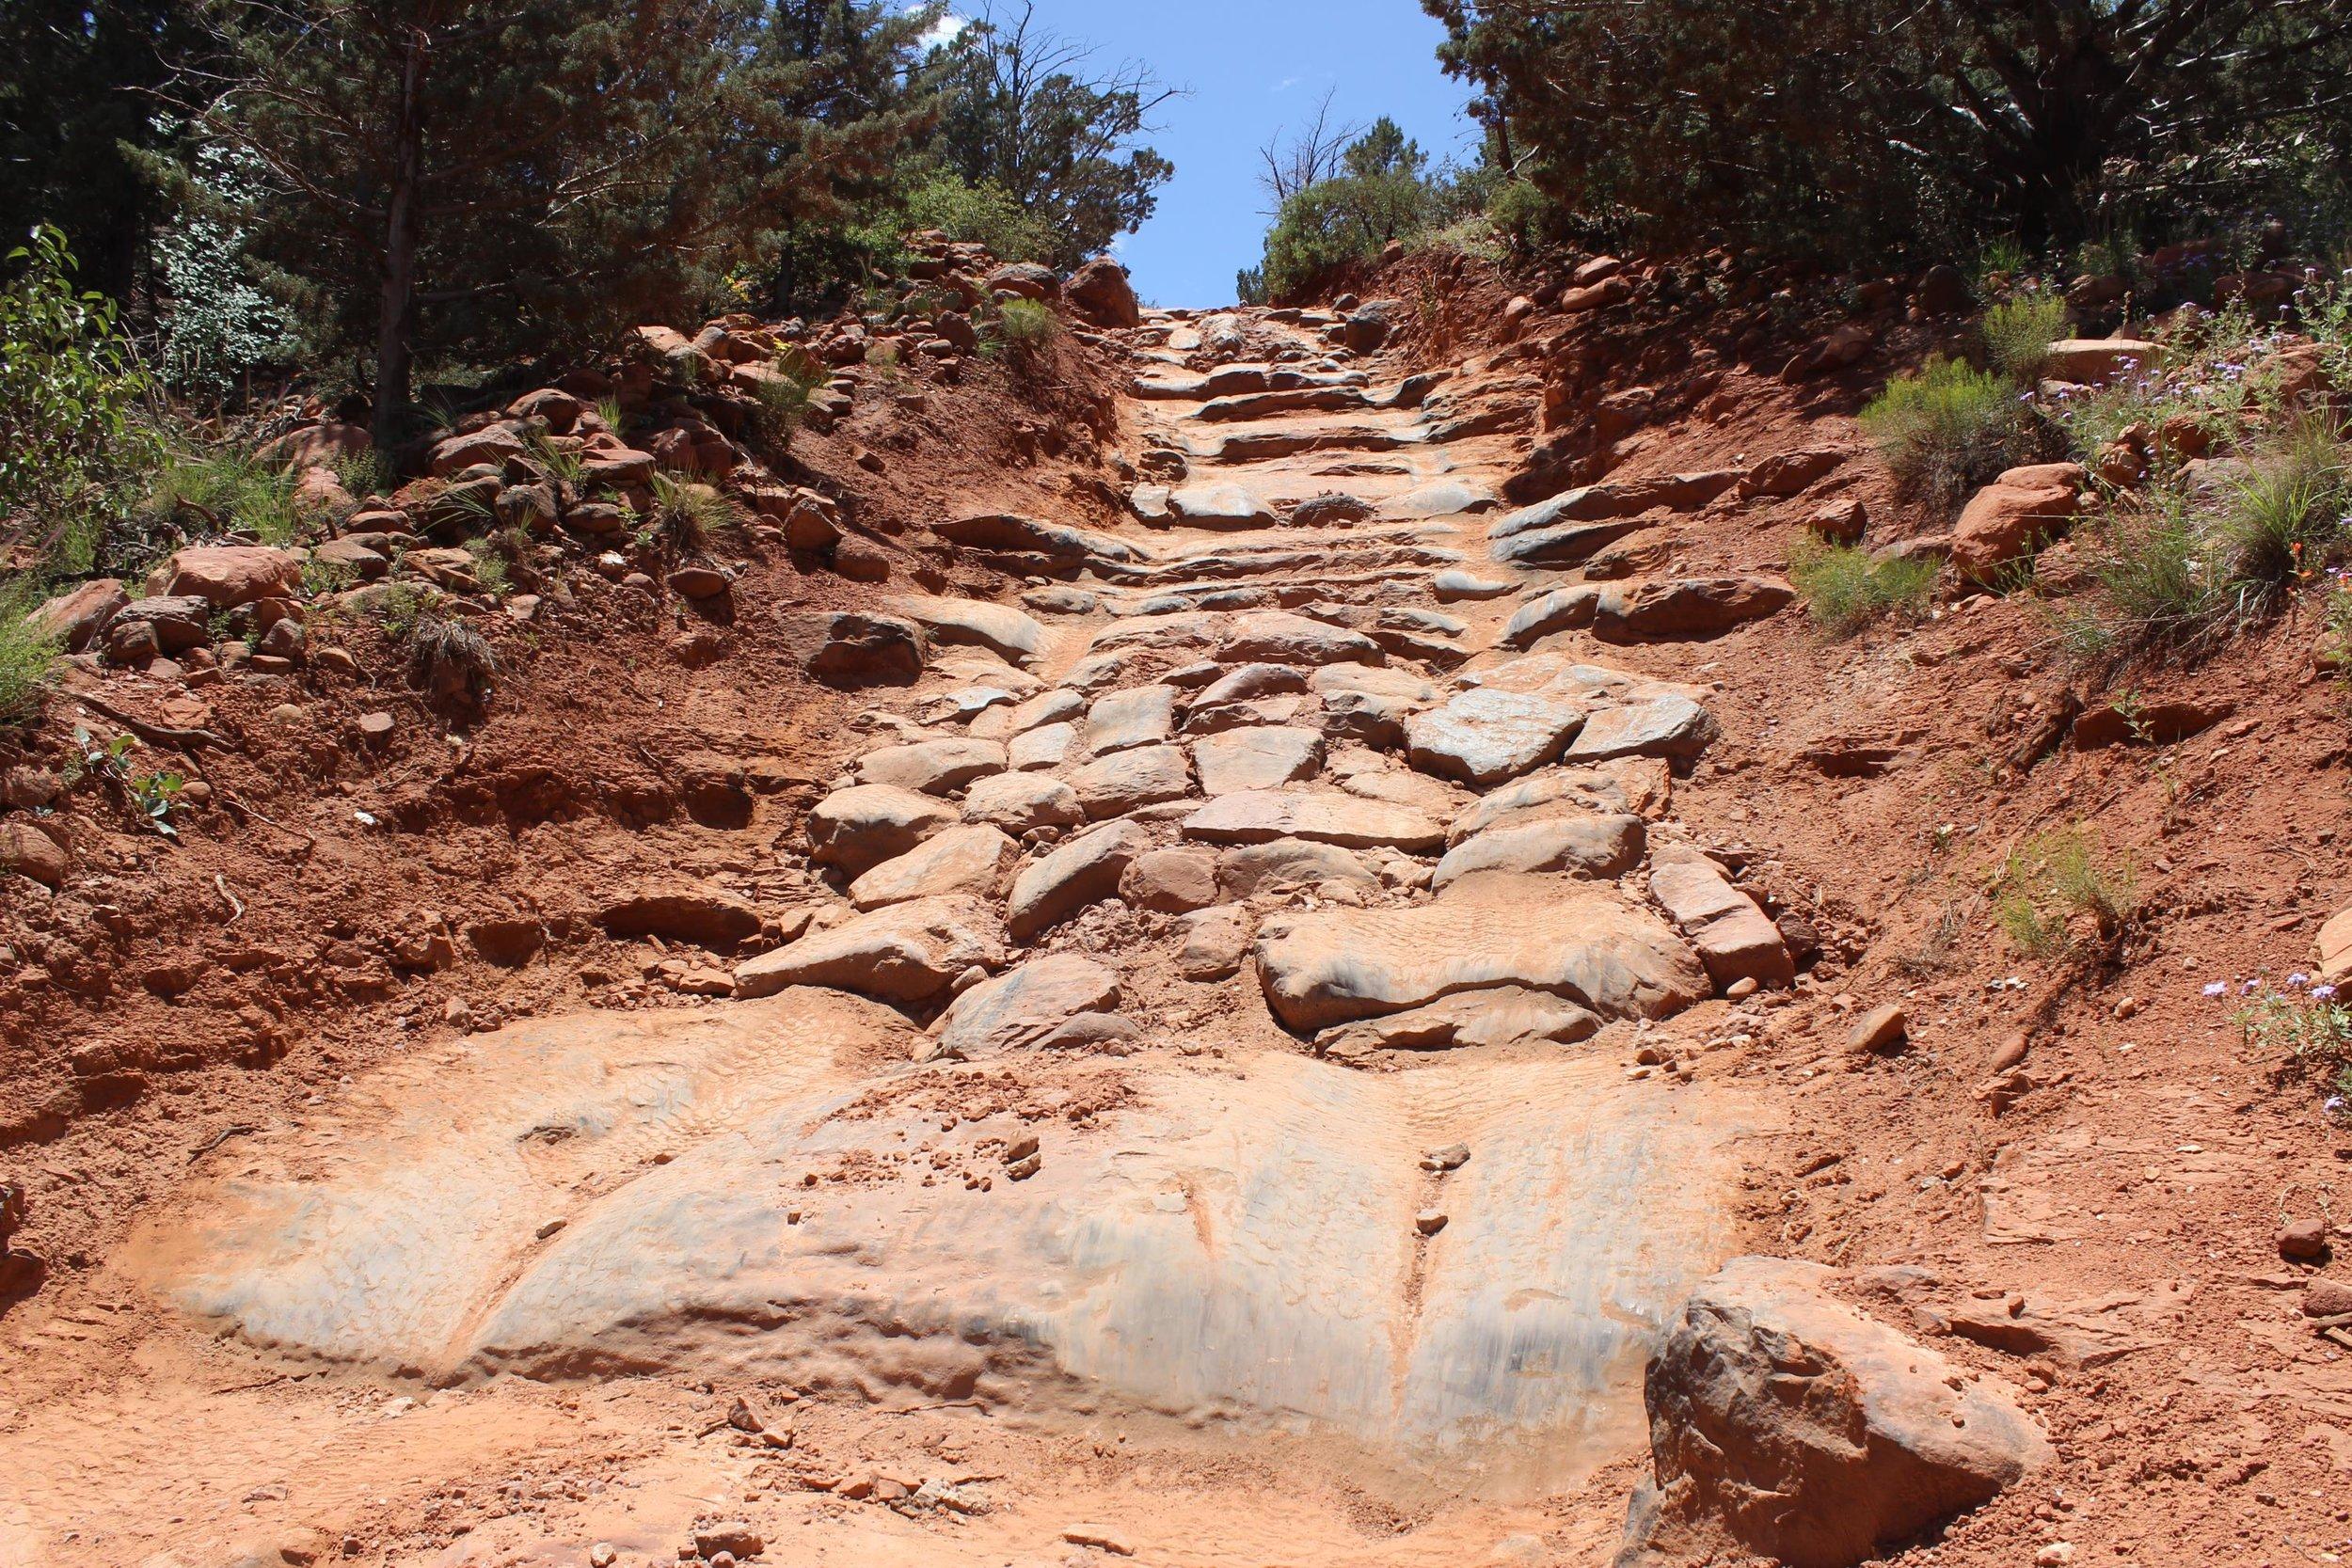 Devil's Staircase along Broken Arrow